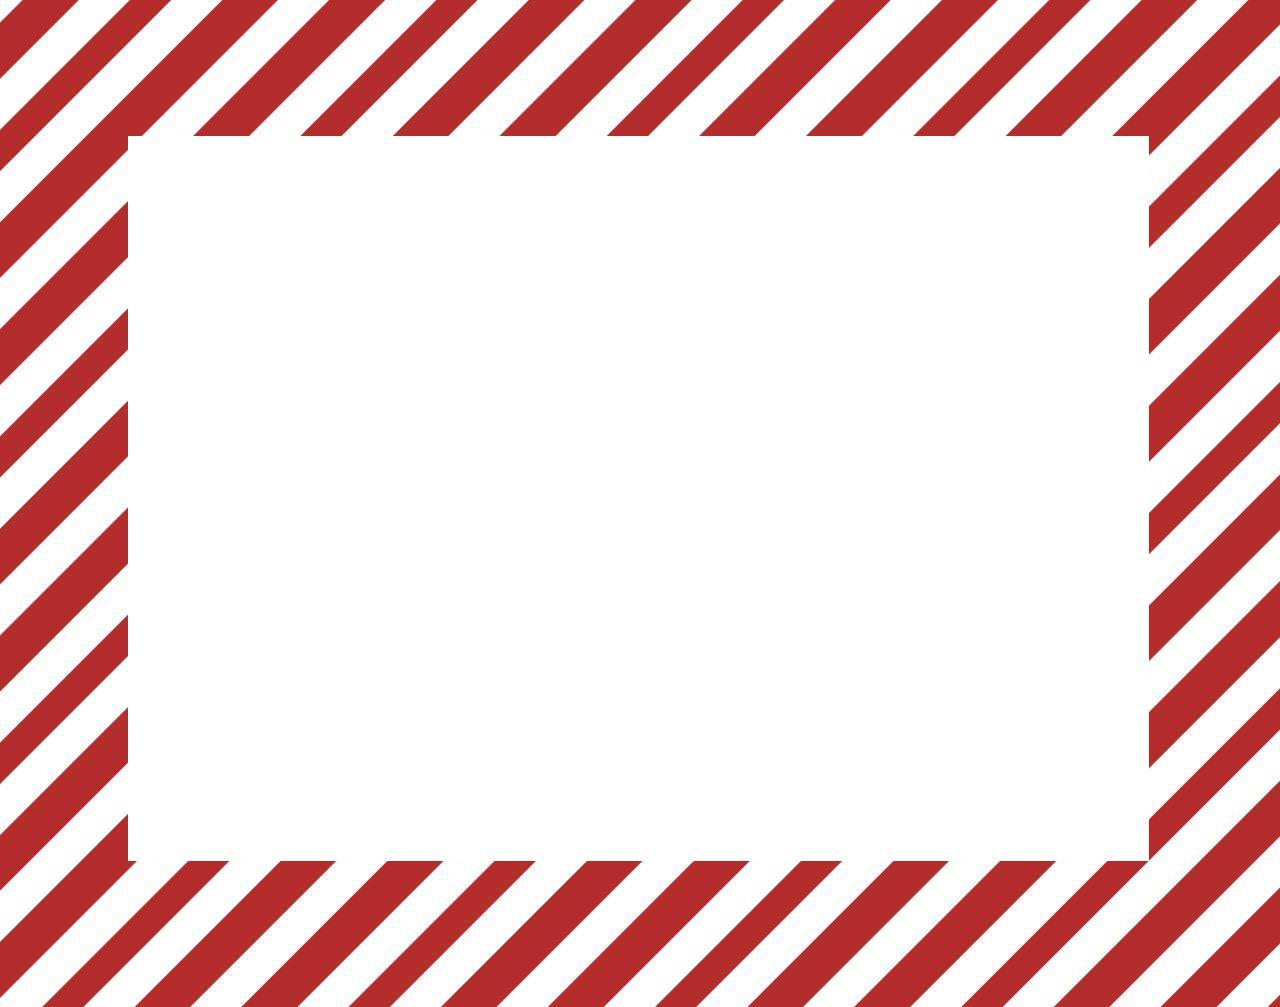 Stripe clipart frame #15